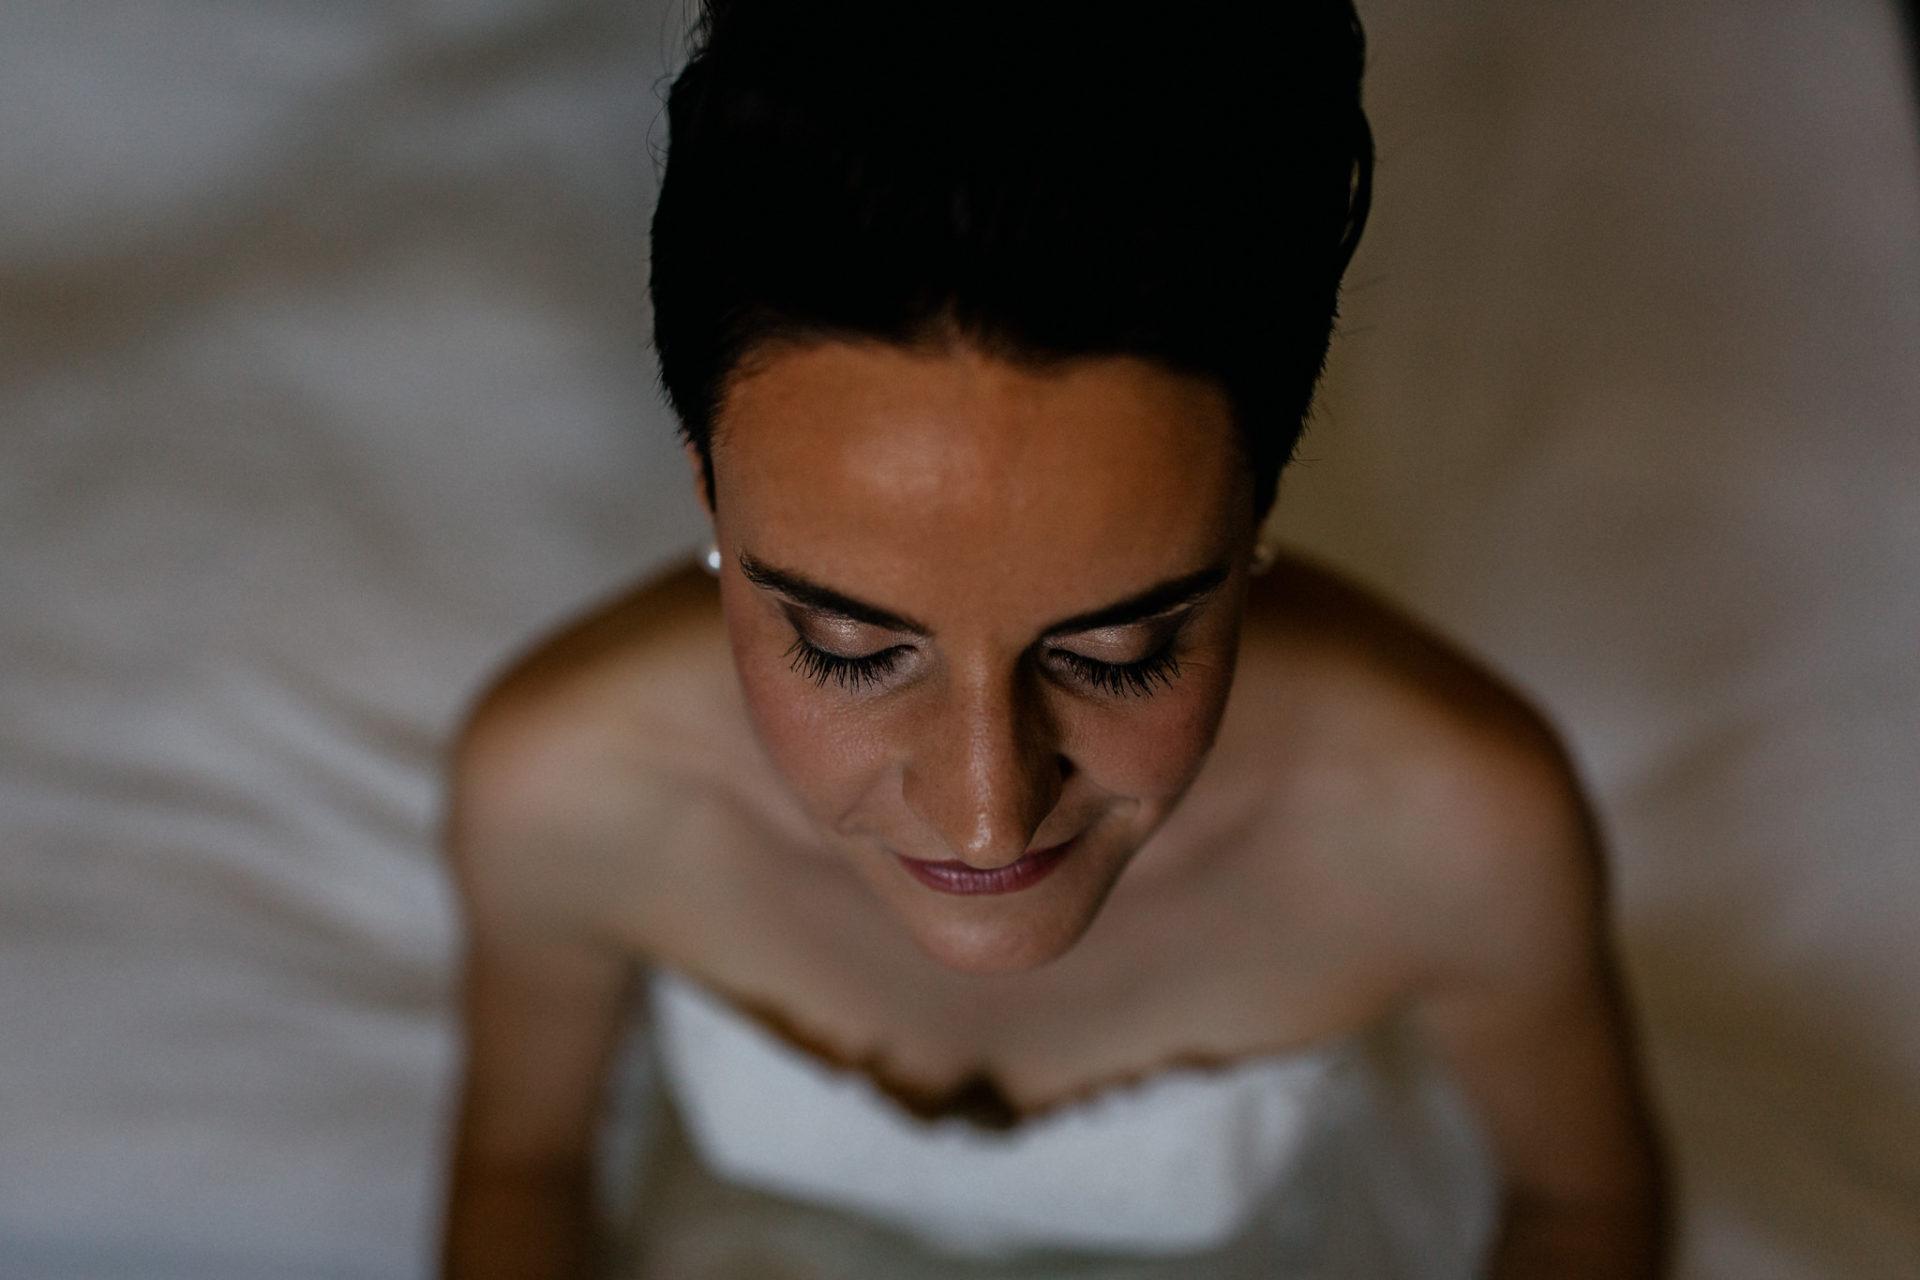 Weingut Fitz Ritter Hochzeitsfotograf-heiraten Pfalz-Sommerhochzeit Braut Portrait